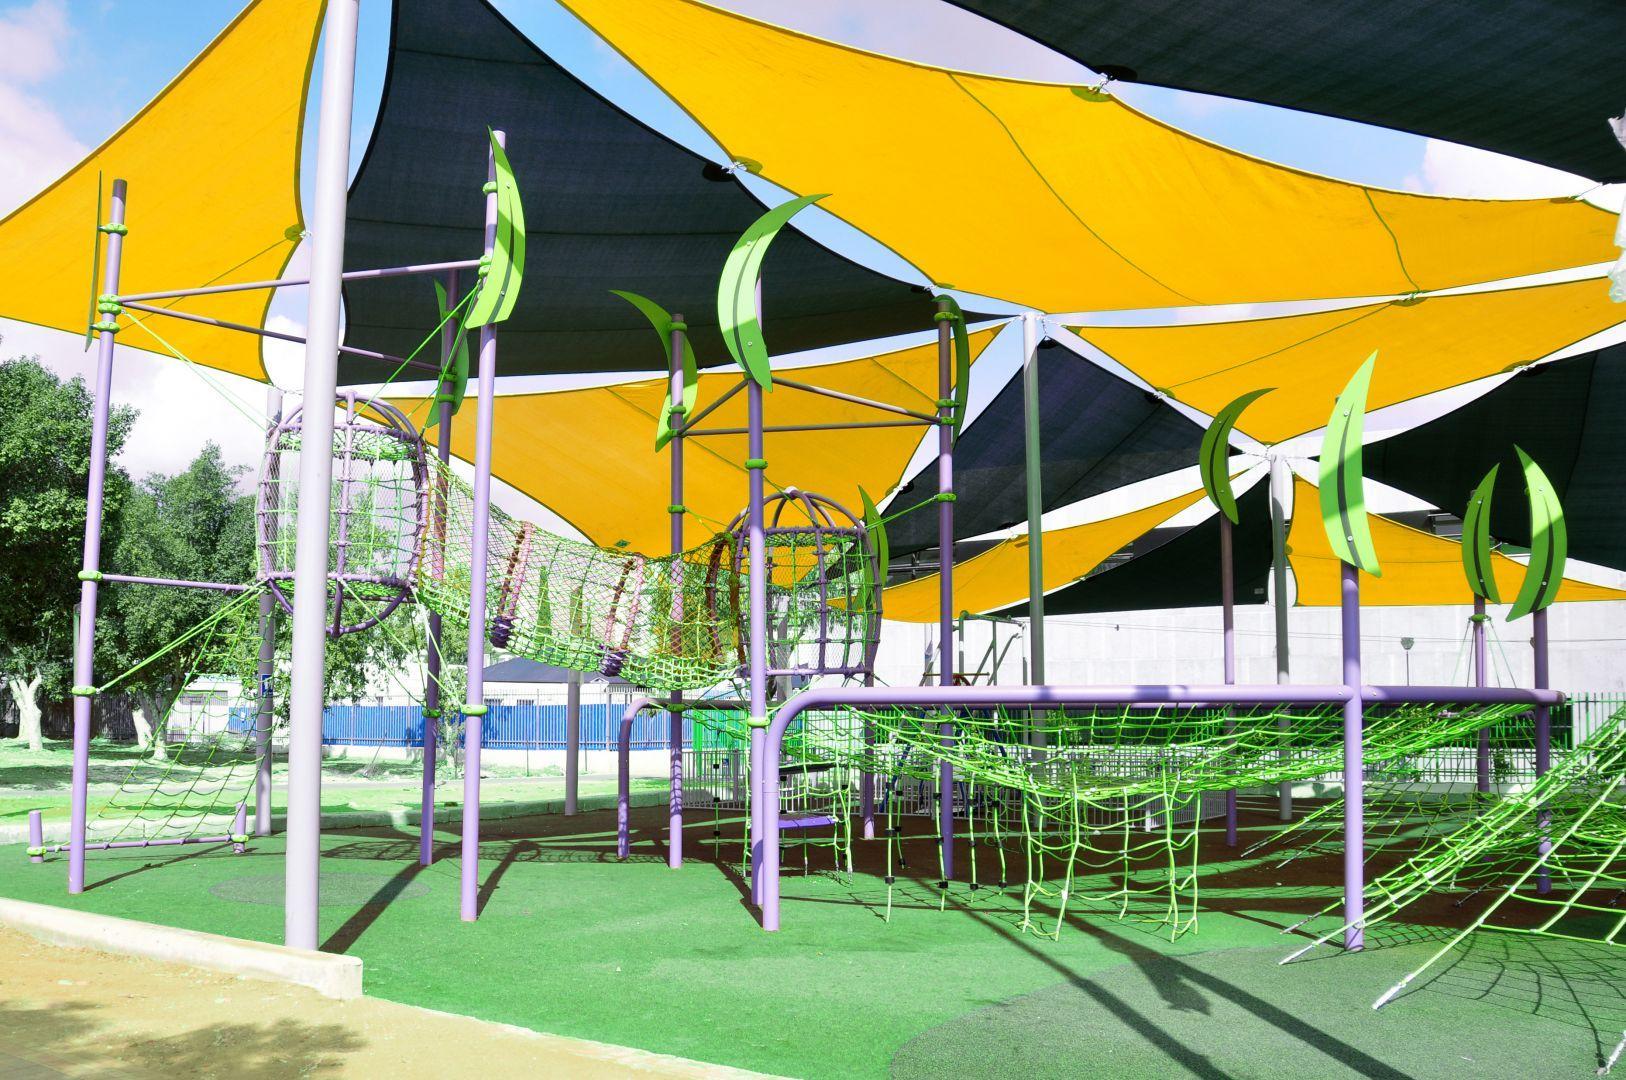 מתקני משחקים | פרויקט פארק השופטים קרית גת | מתקן טיפוס | מתקני שעשוע